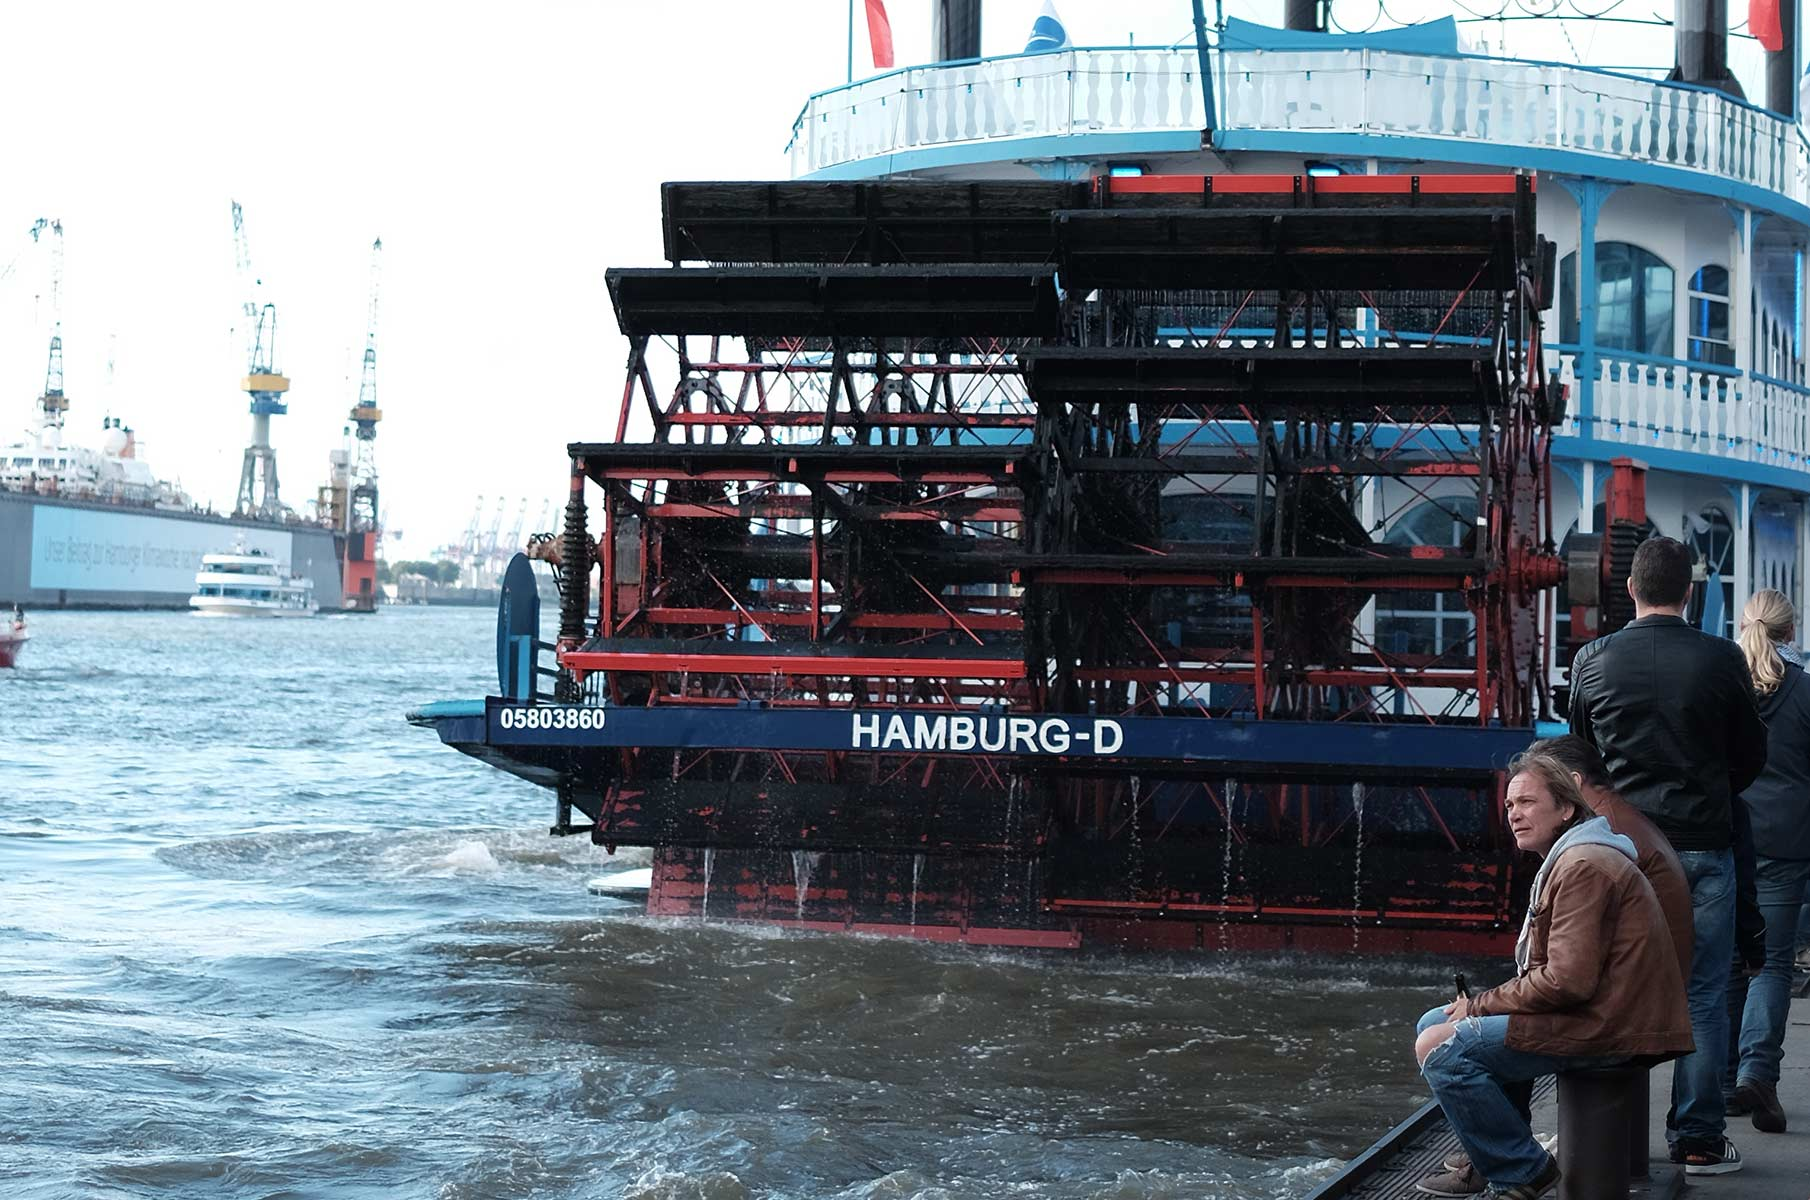 Mississippi Dampfer an den Landungsbrücken in Hamburg